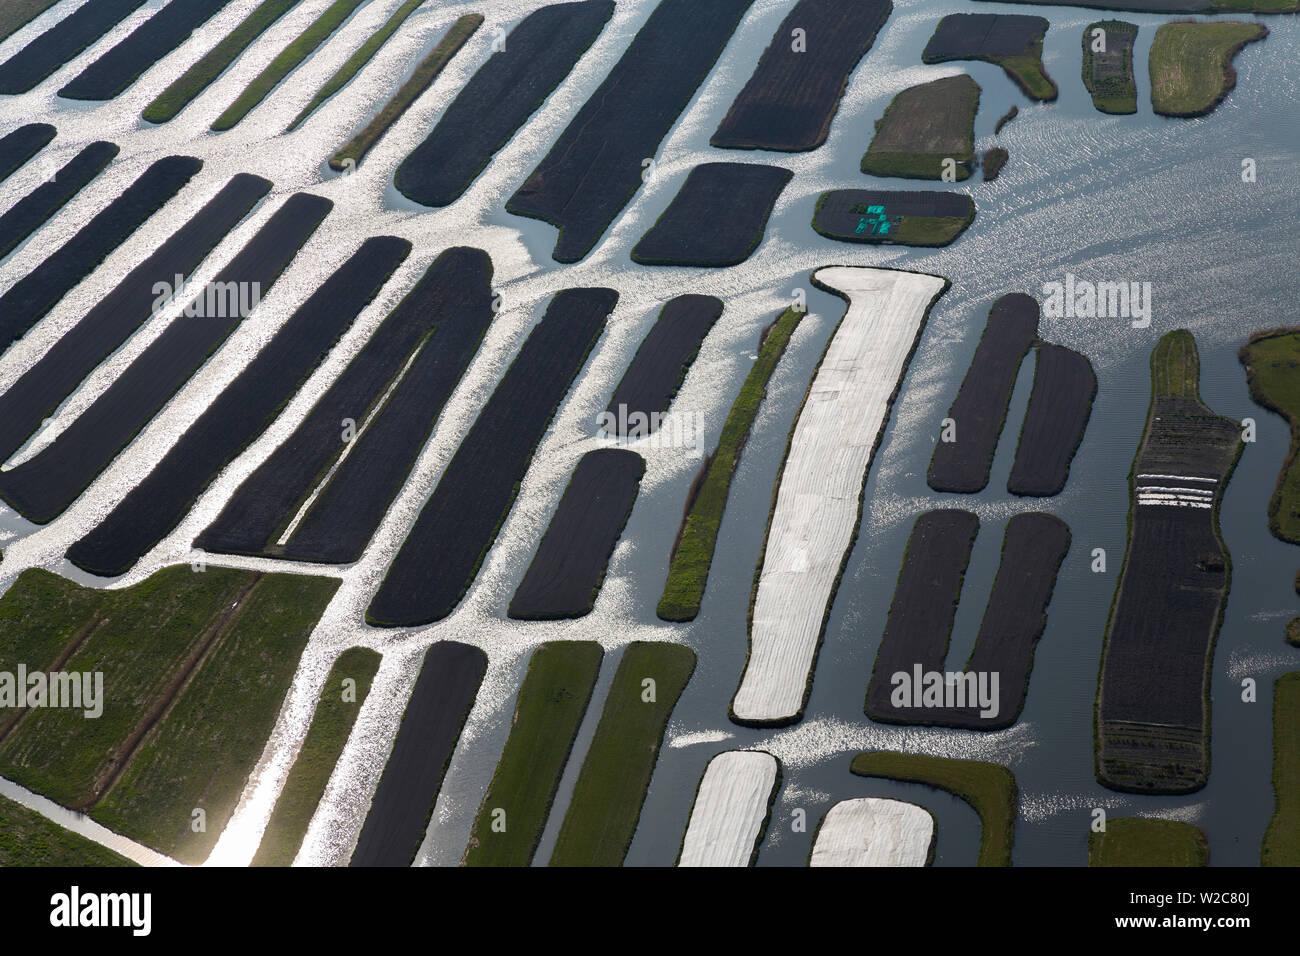 Polder or re-claimed lands, North Holland, Netherlands - Stock Image